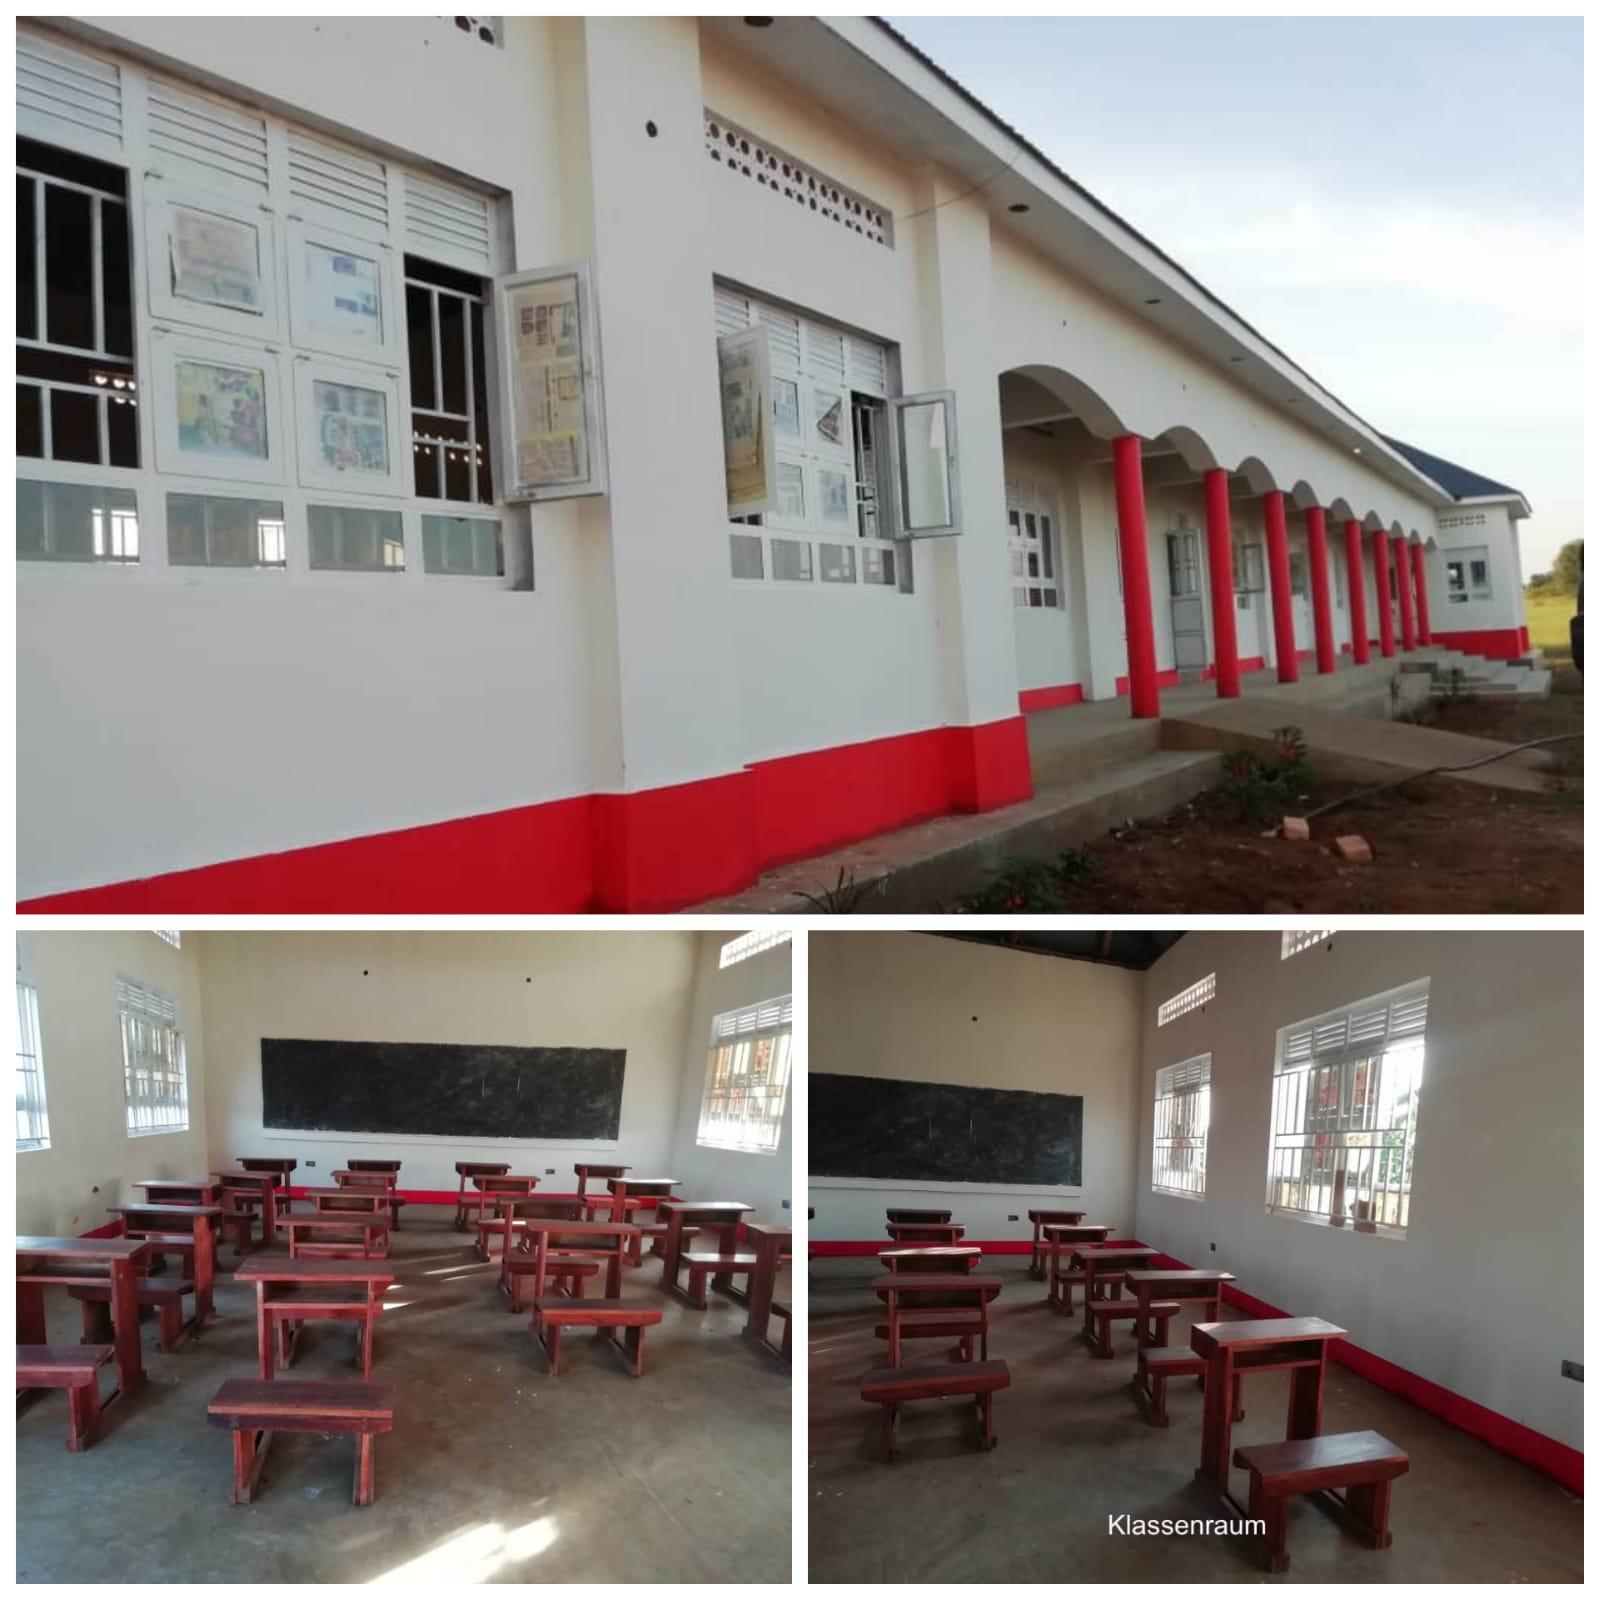 Grundschule und Klassenräume